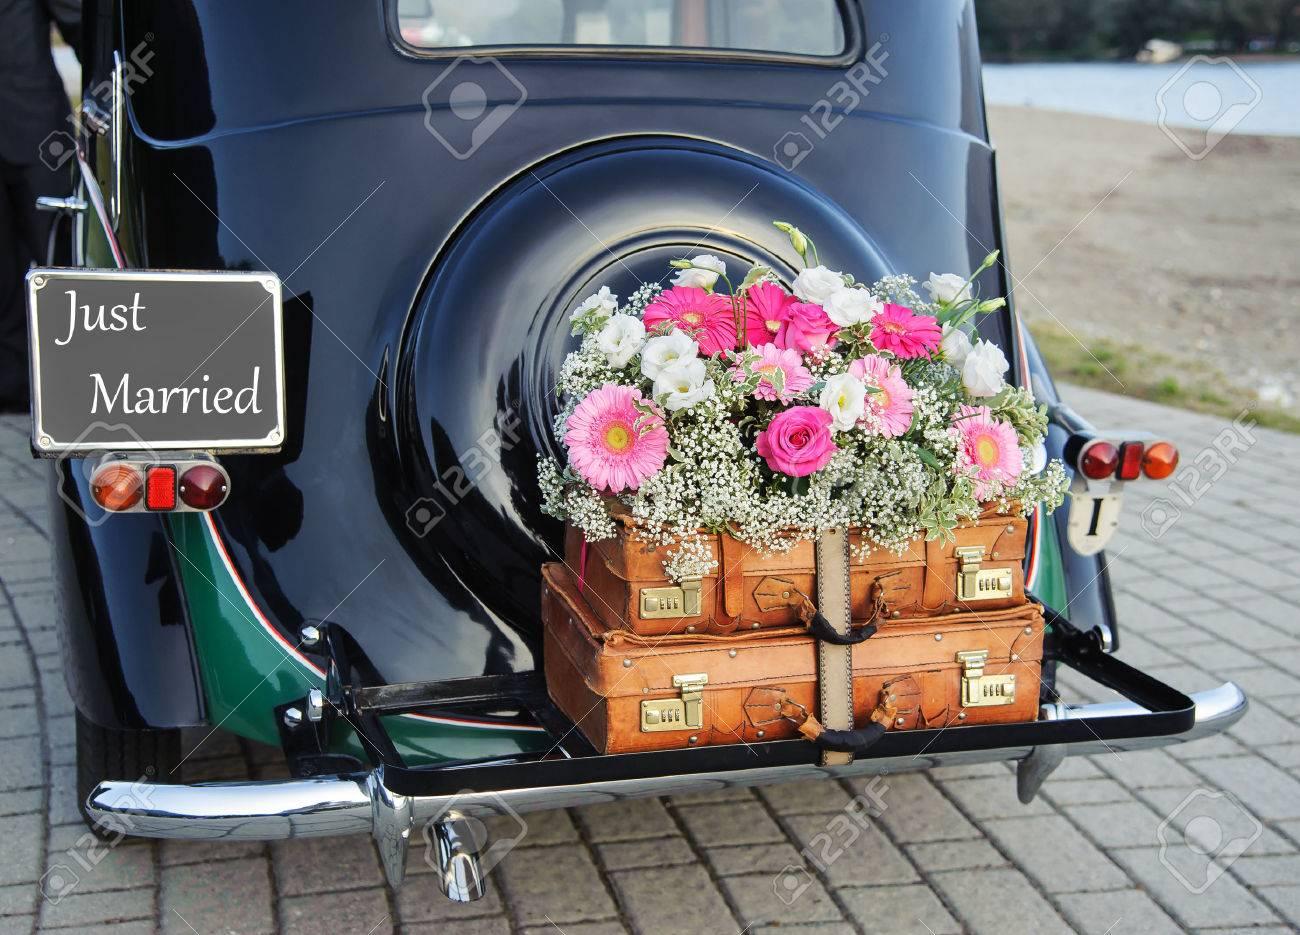 Wedding bouquet on vintage wedding car - 50076797